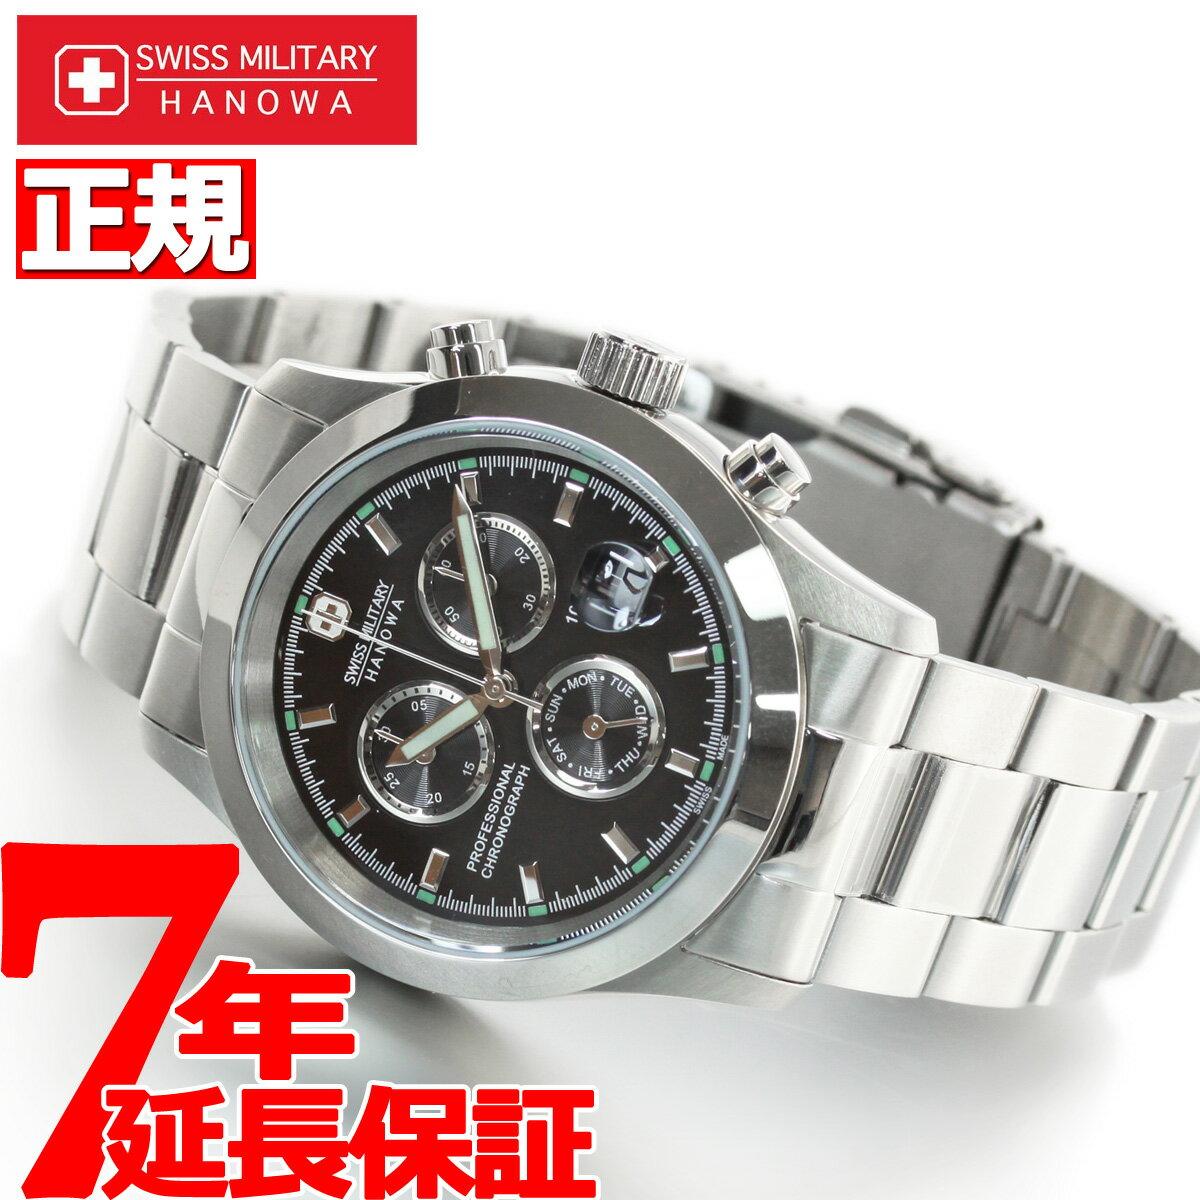 腕時計, メンズ腕時計 22101OFF3526959 SWISS MILITARY ELEGANT BIG CHRONO ML244 SWISS MILITARY